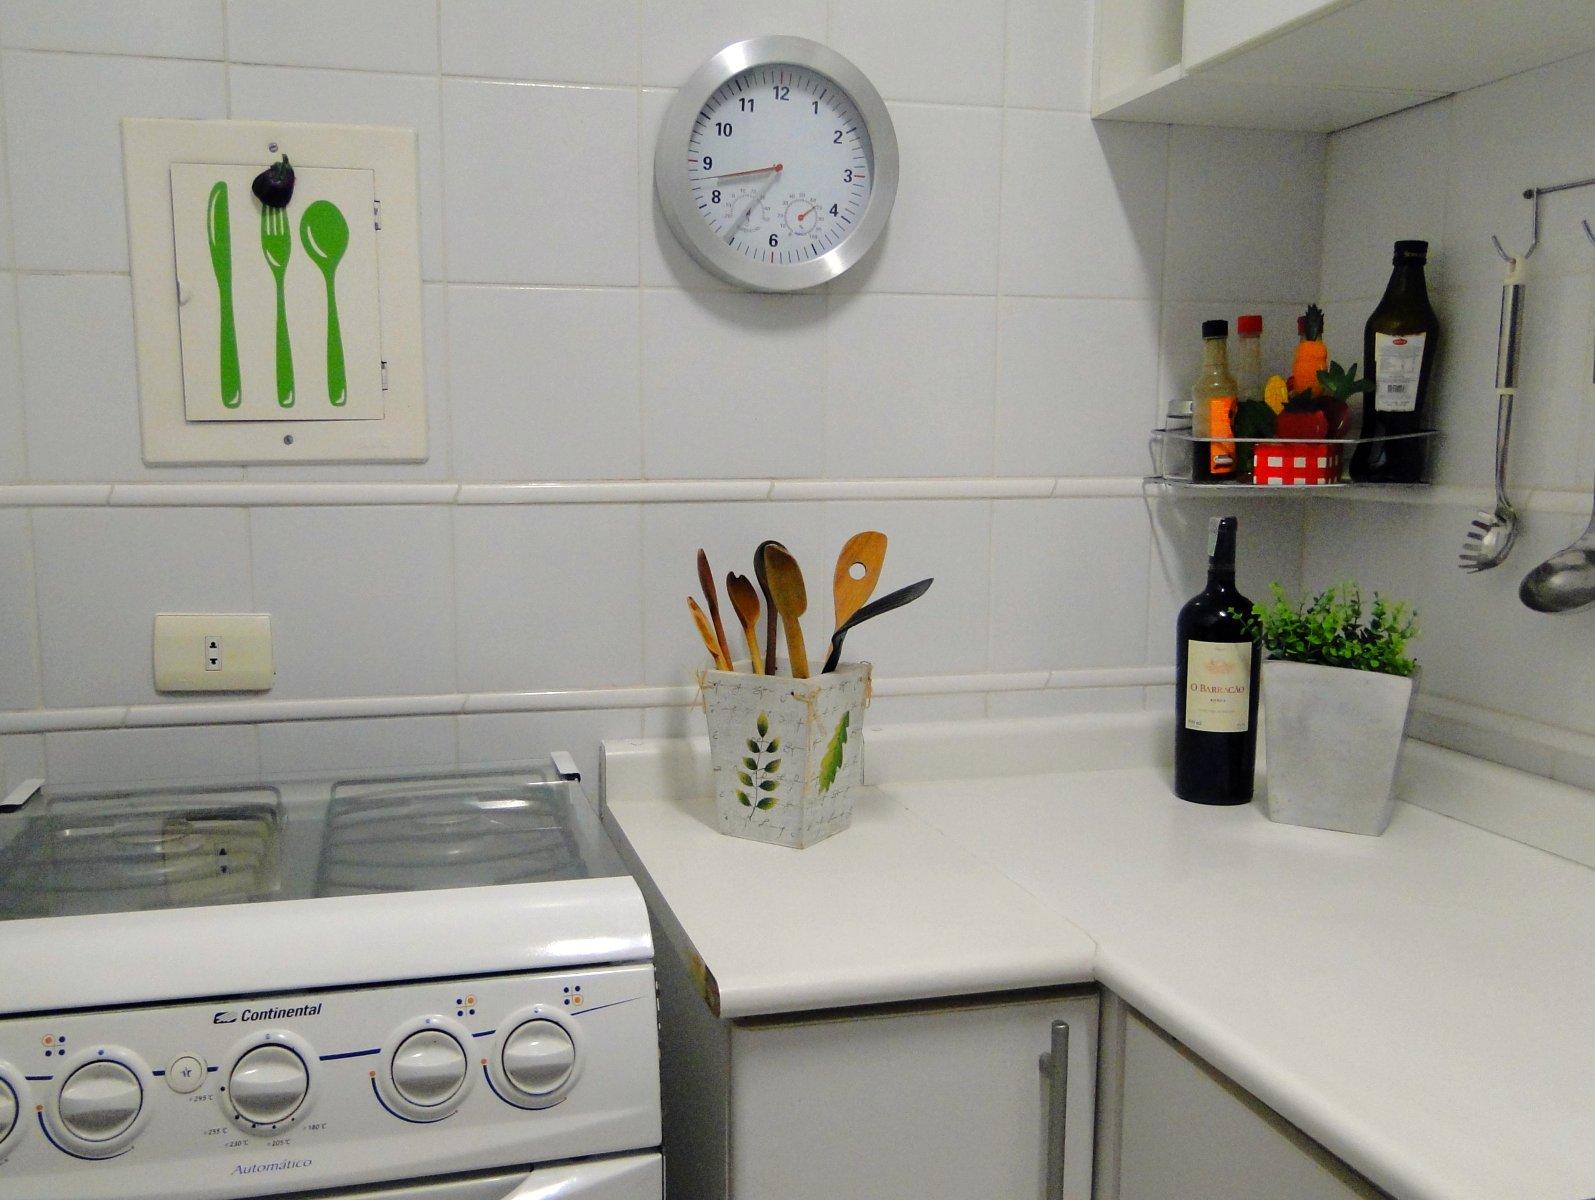 da minha cozinha! (Veja como ficou a cozinha depois da reforma aqui #6D391E 1595 1200